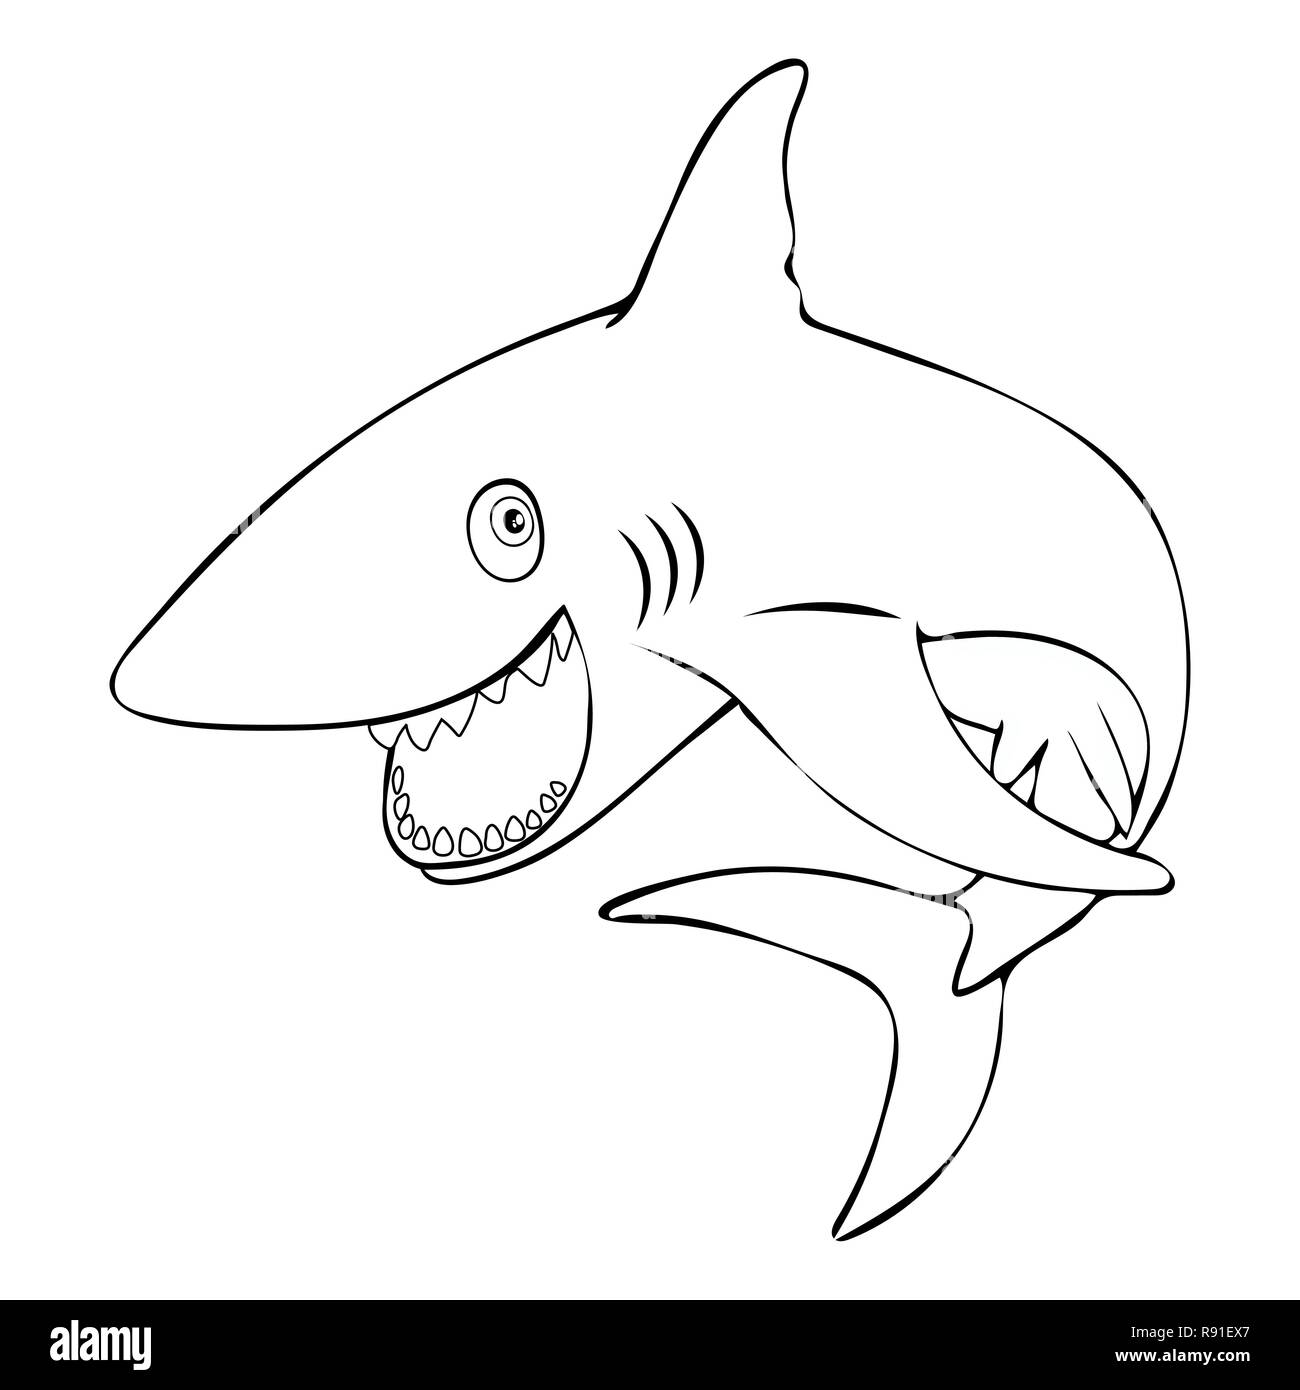 Shark Teeth Drawing Stock Photos & Shark Teeth Drawing Stock